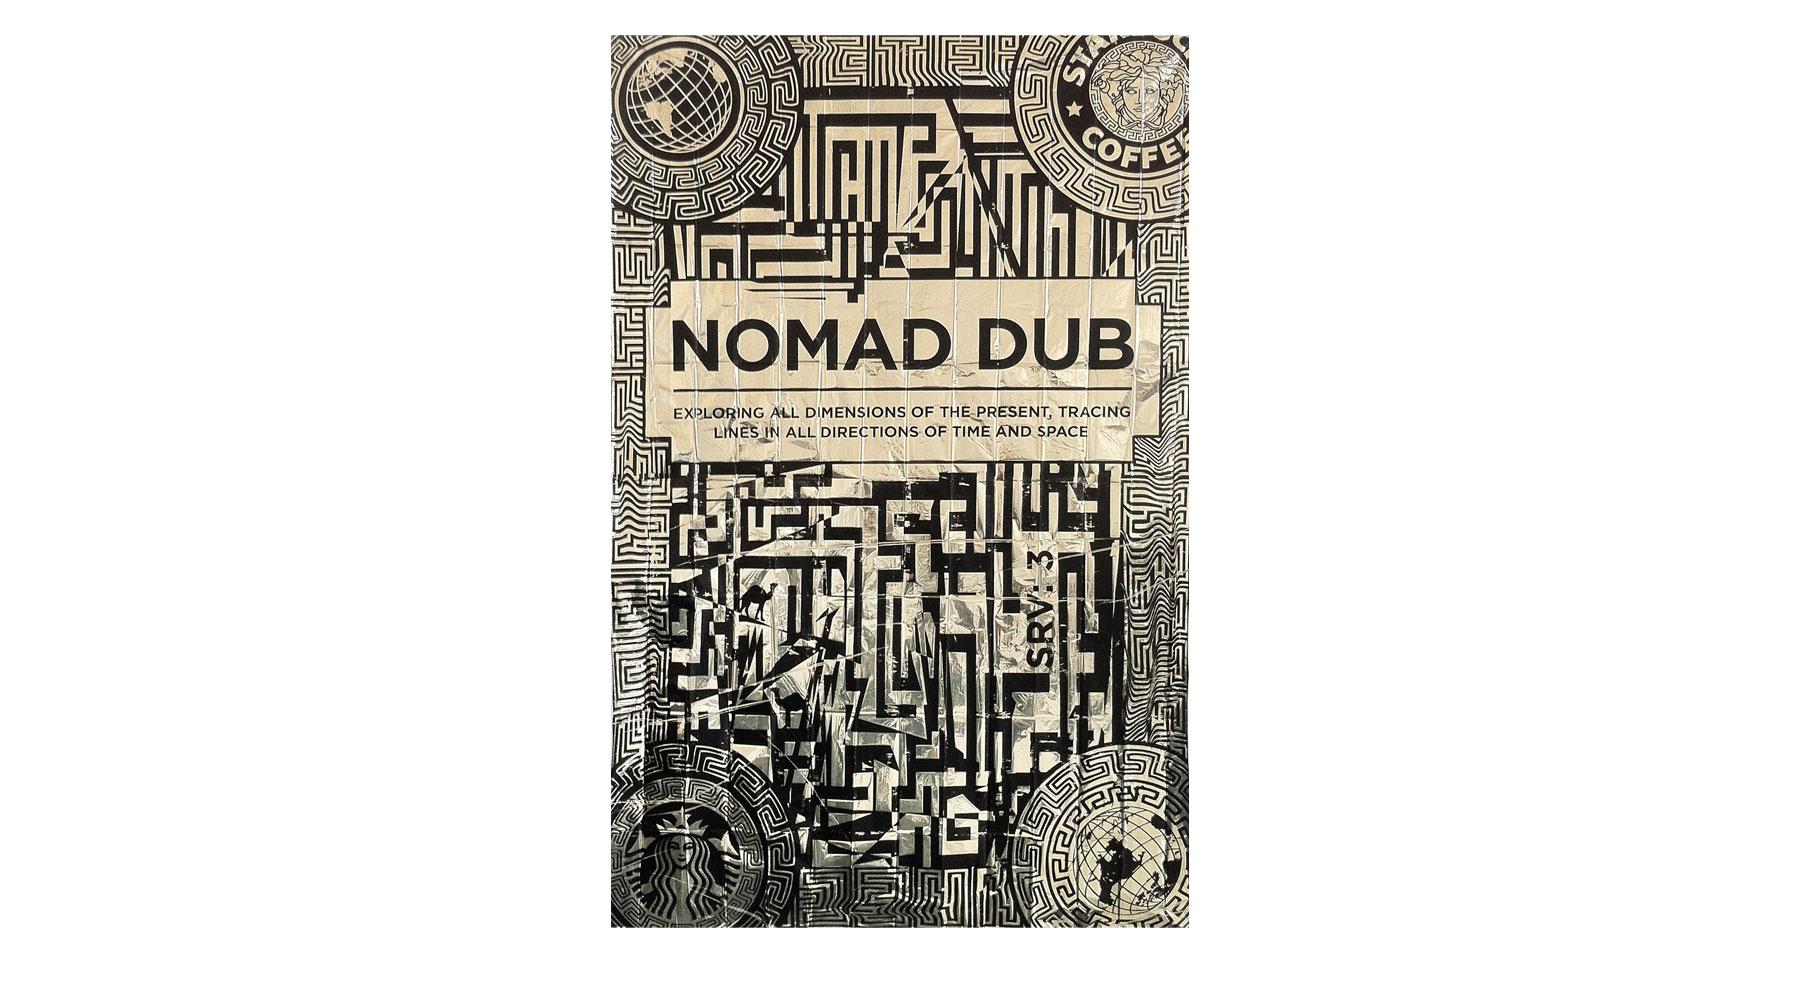 nomad-dub-3